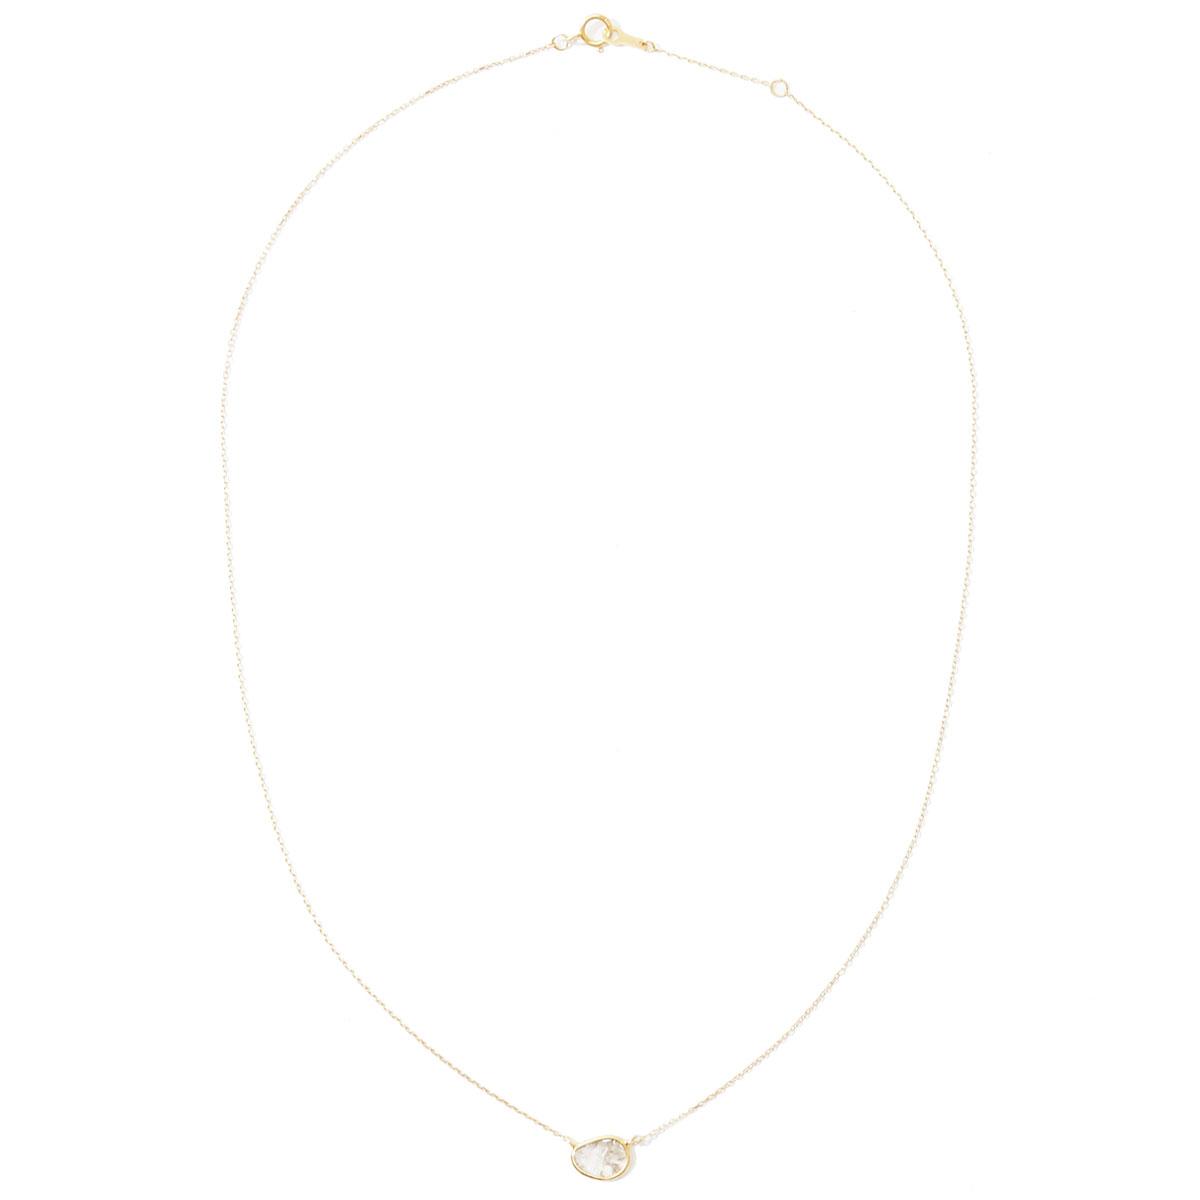 ネックレス〈10KYG、ダイヤモンド〉¥47,300